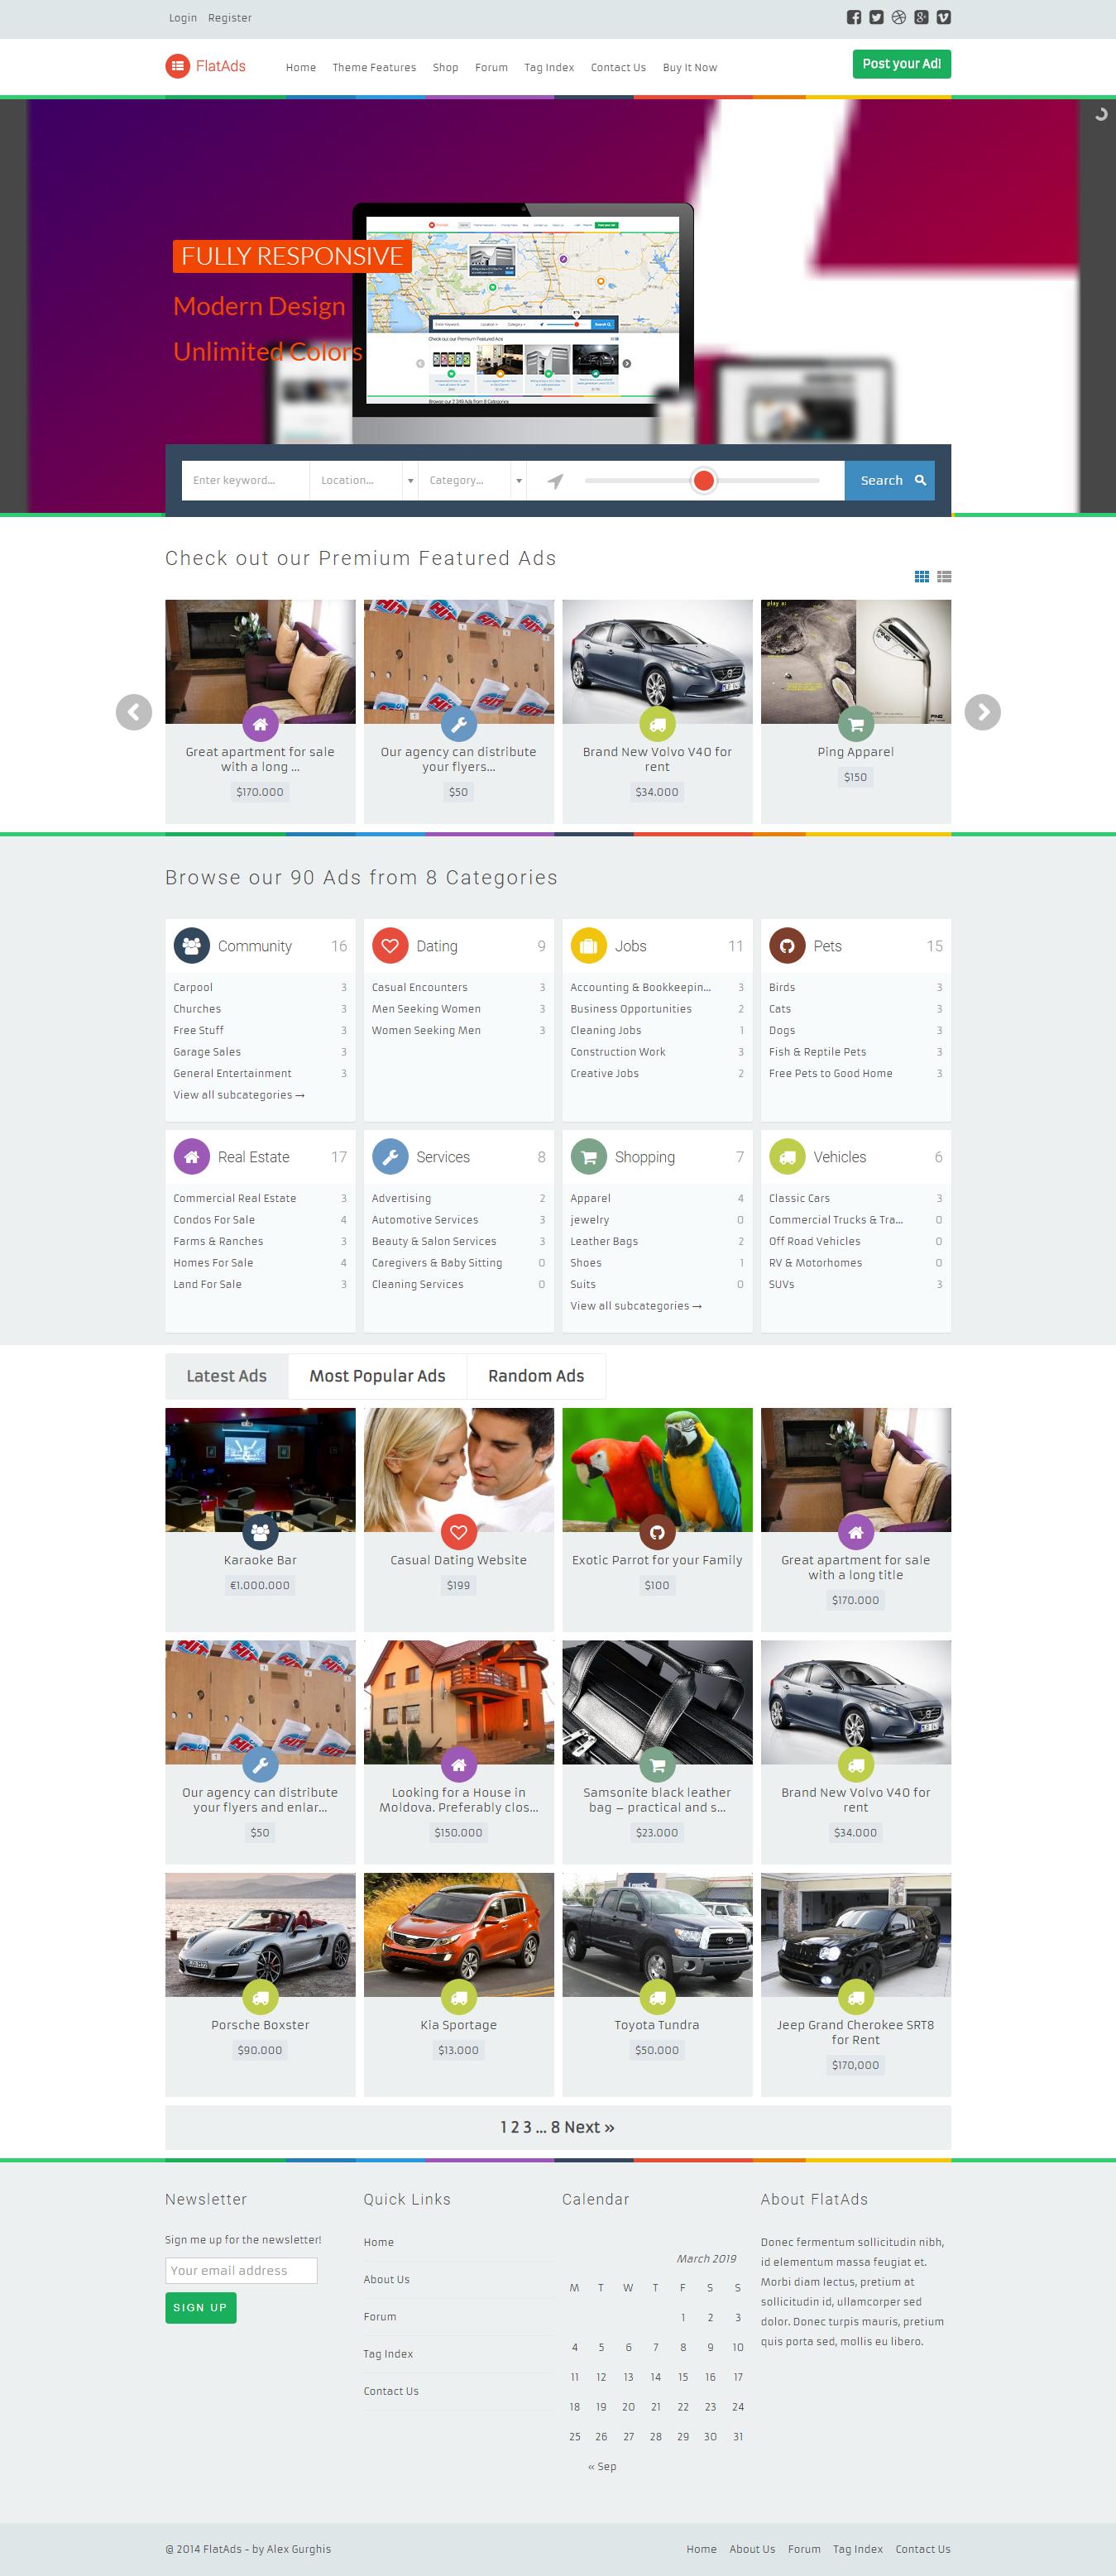 flatads best premium classified wordpress theme - 10+ Best Premium Classified WordPress Themes